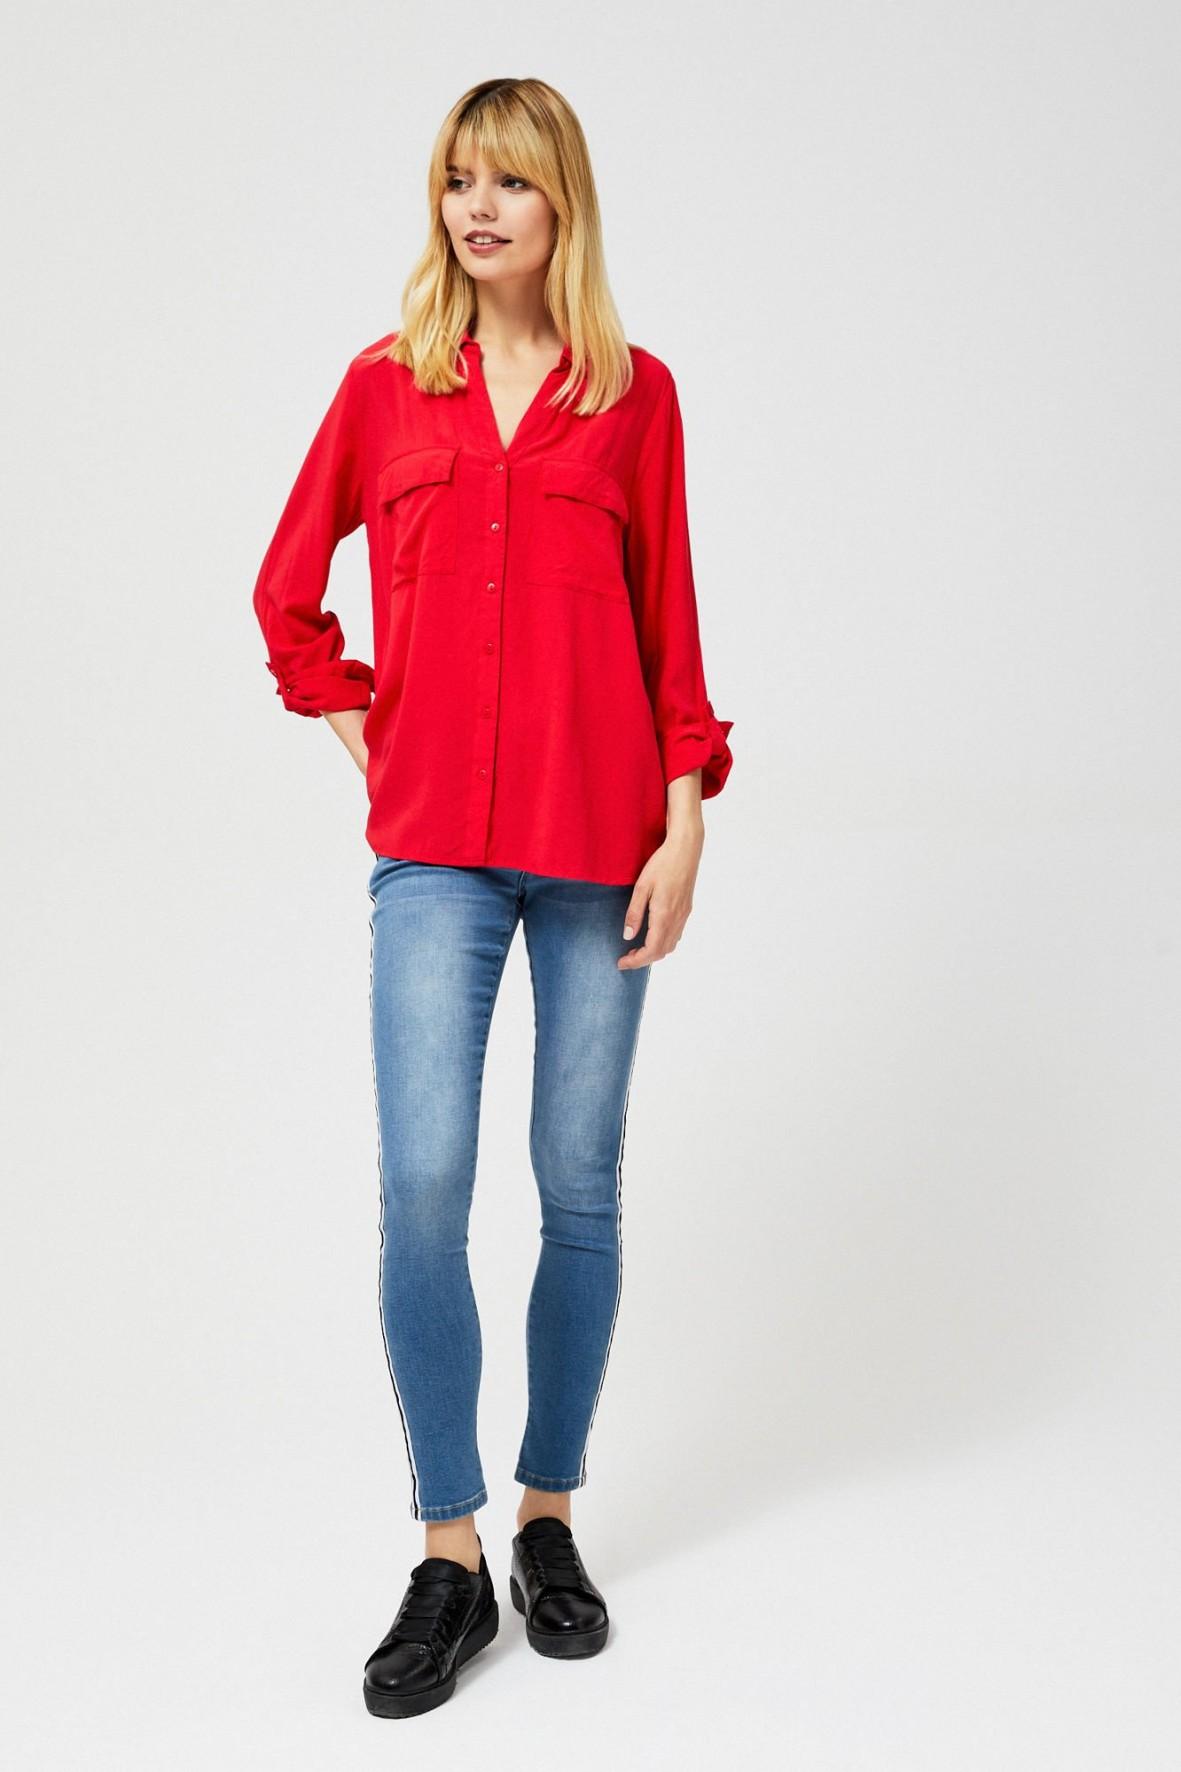 Czarwona koszula damska z długim rękawem